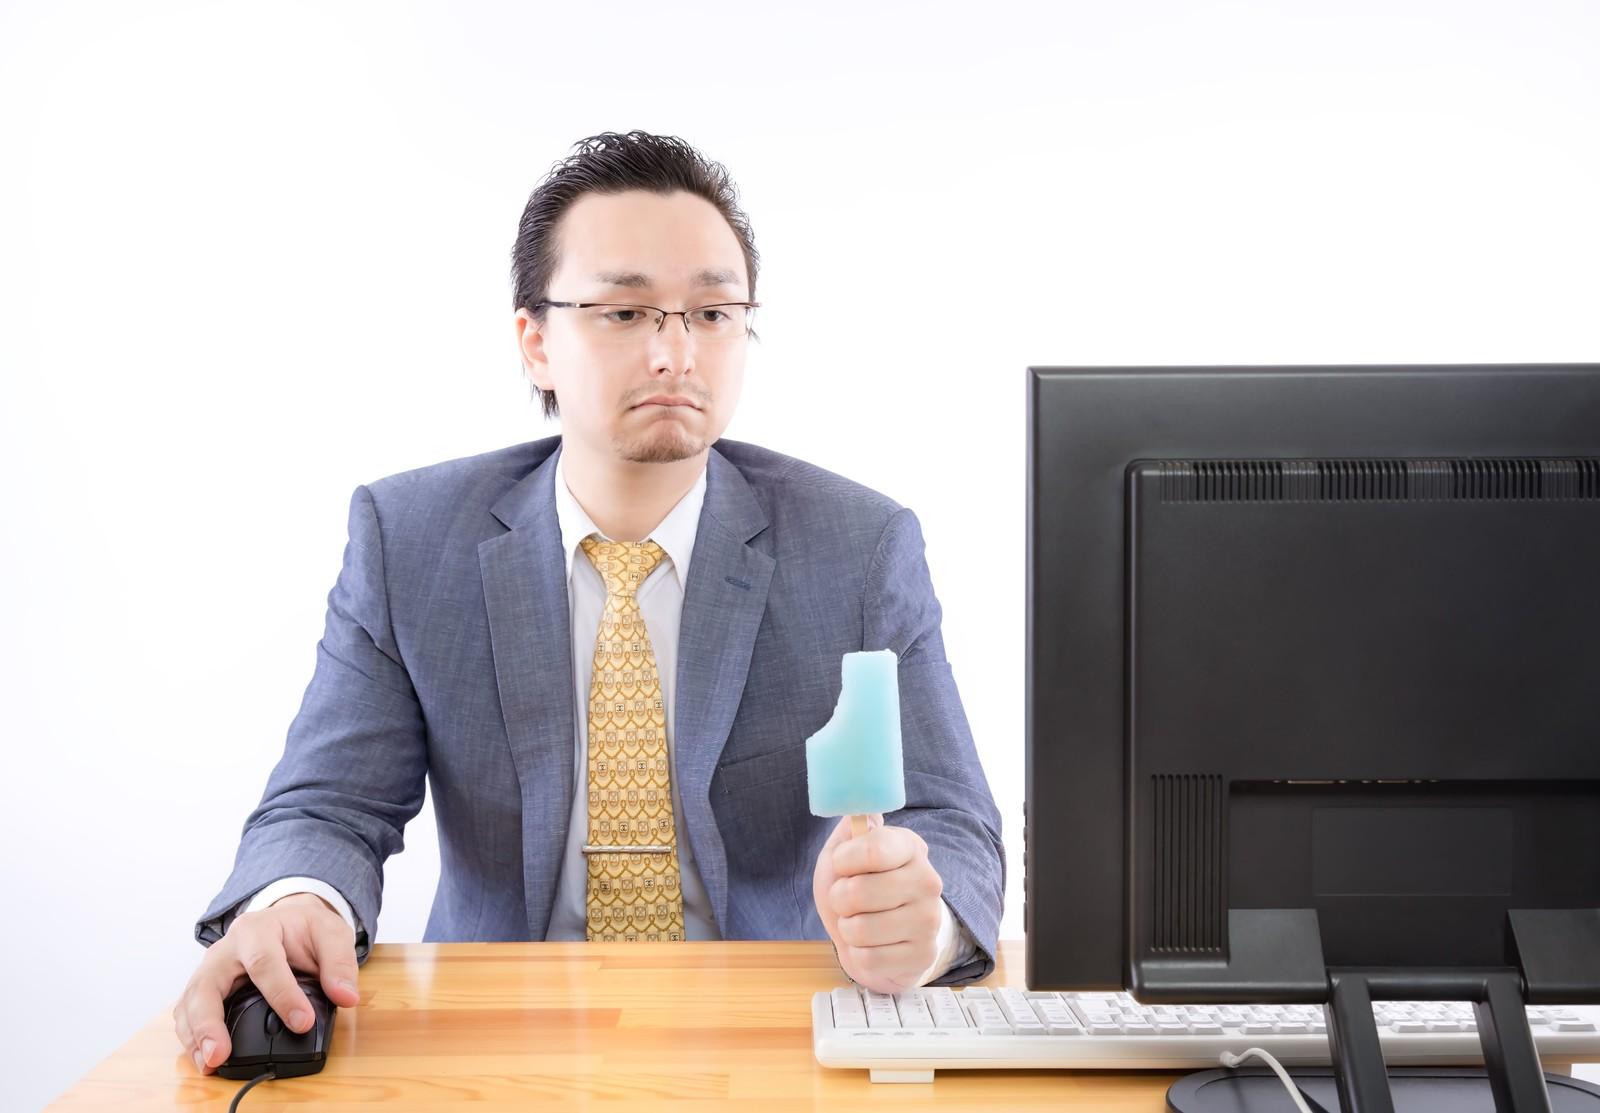 PCの前でアイスを持ってるおっさん